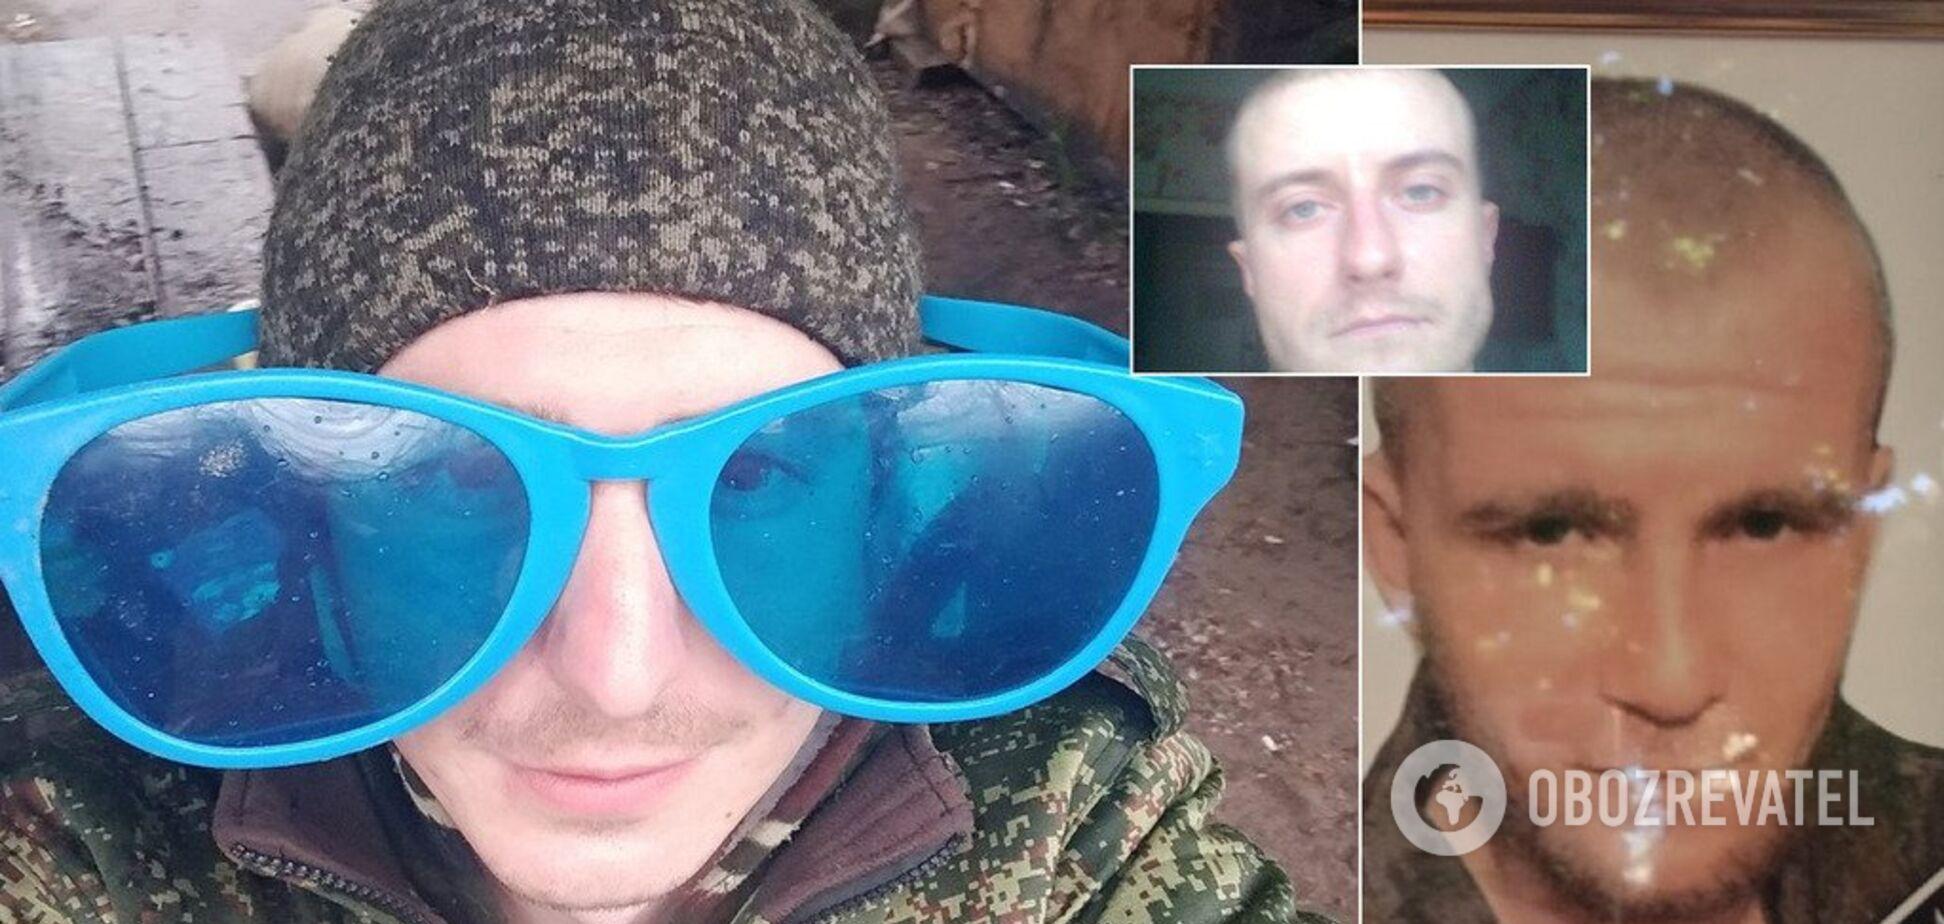 Пополнили ряды Моторолы и Захарченко: в сети показали очередной 'груз-200' террористов